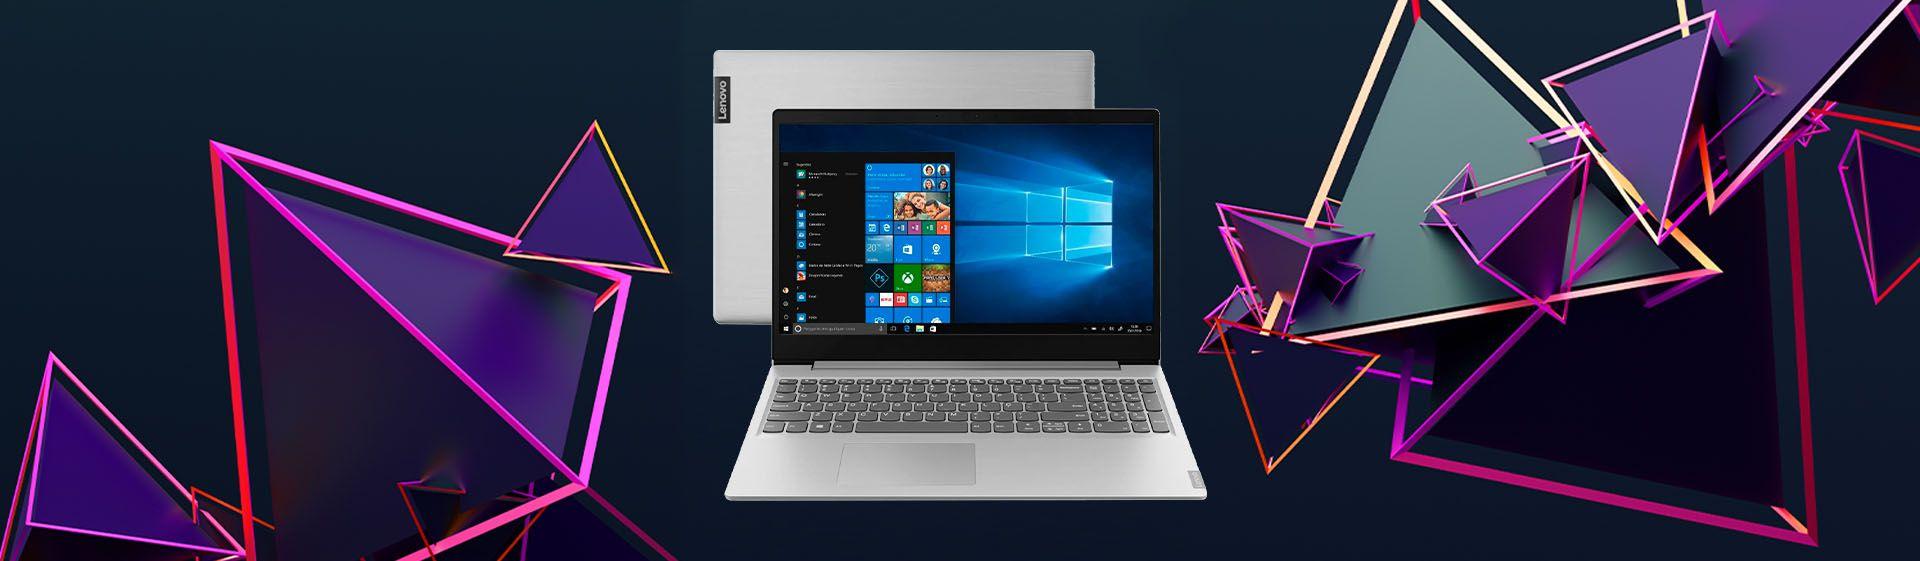 Melhores notebooks Lenovo i5 em 2021